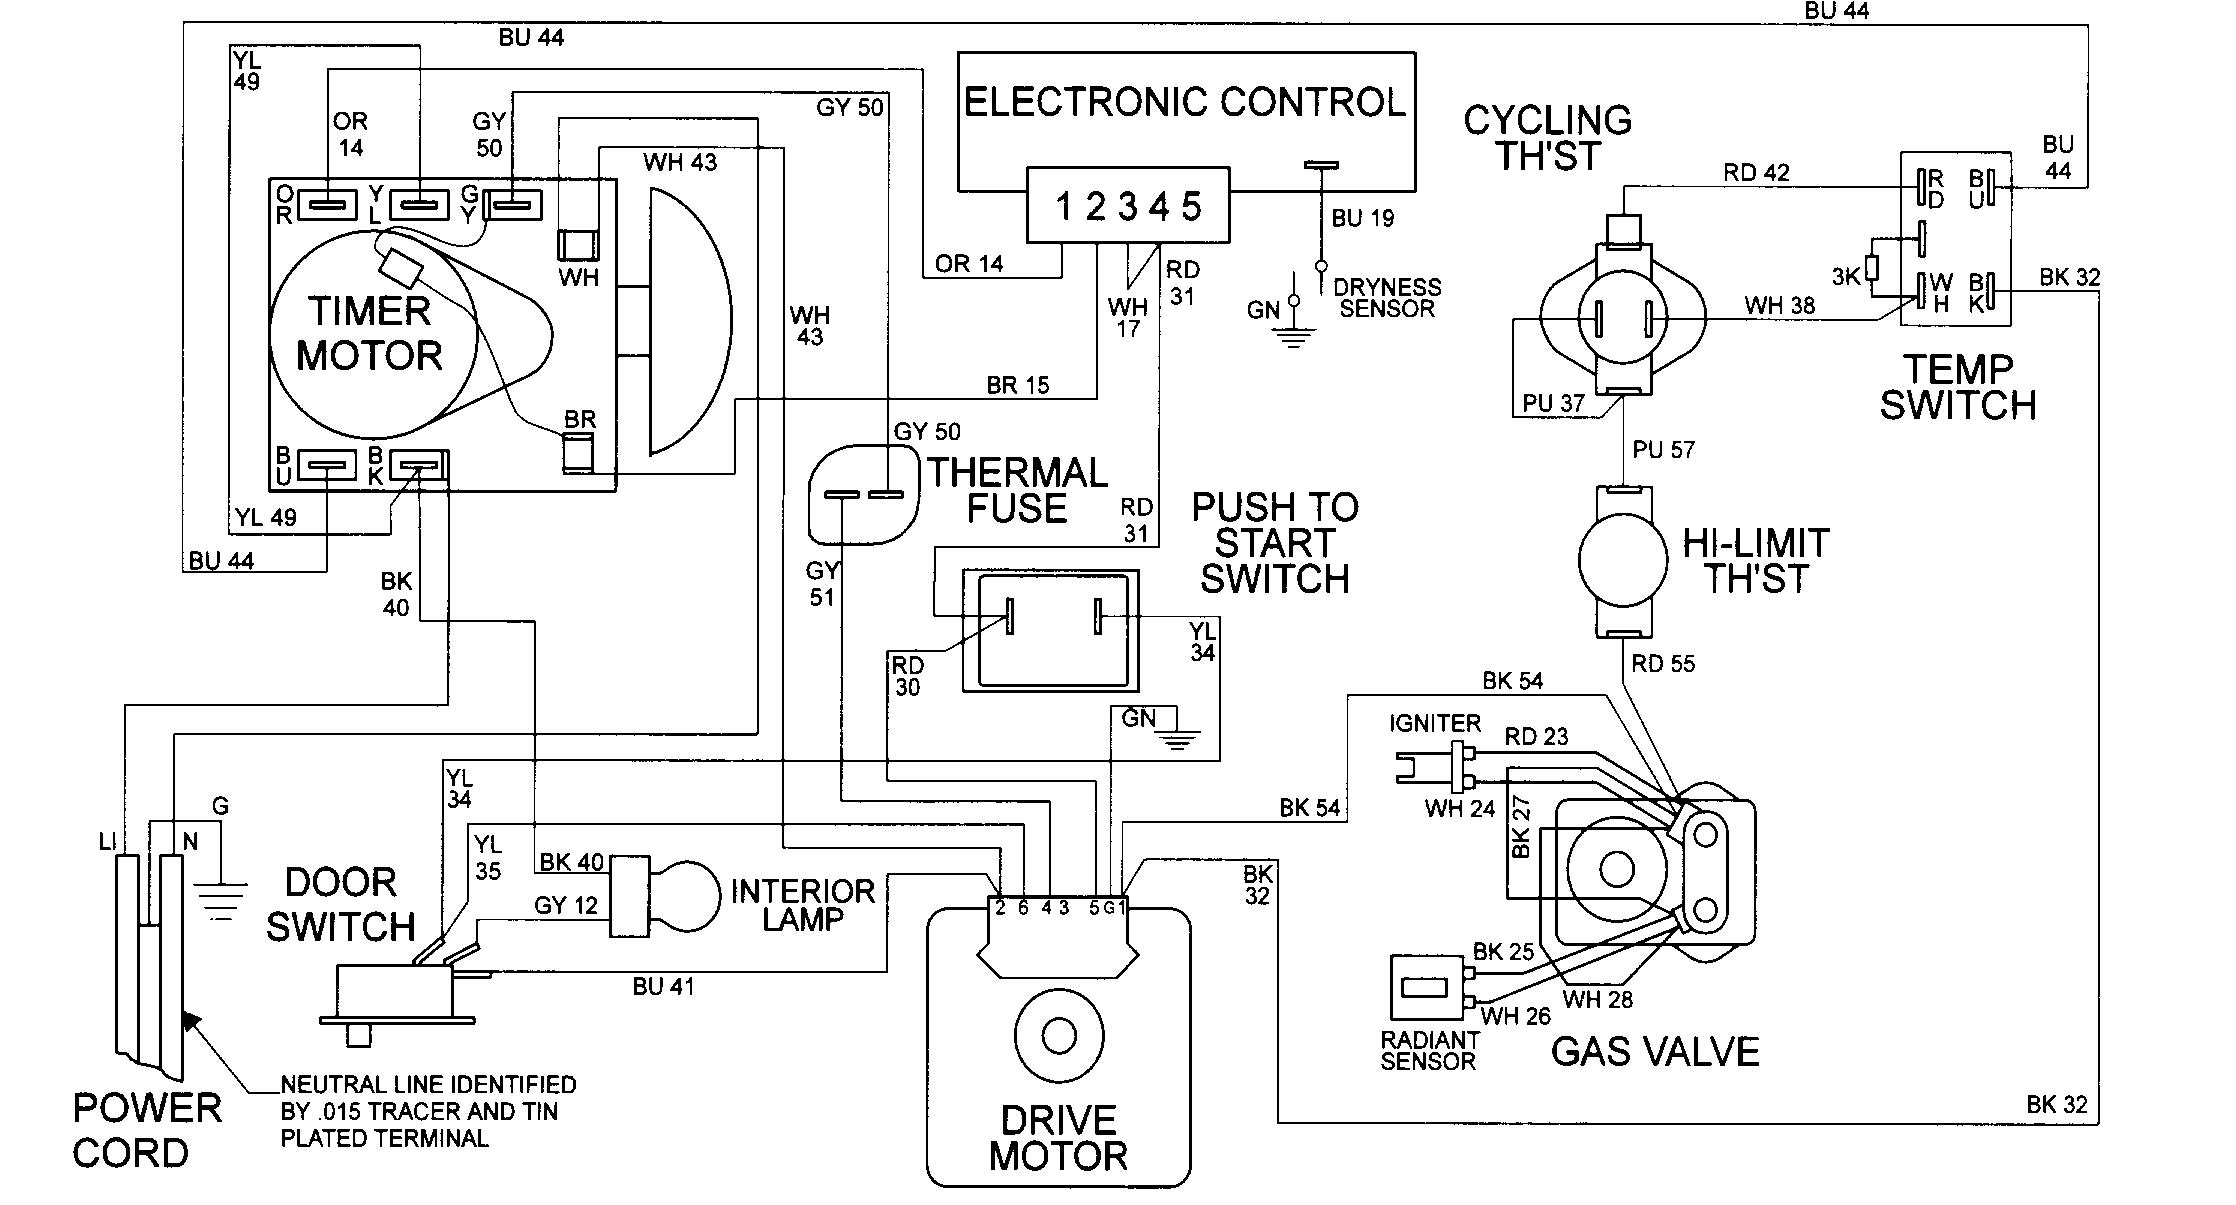 dryer plug wiring diagram schematic